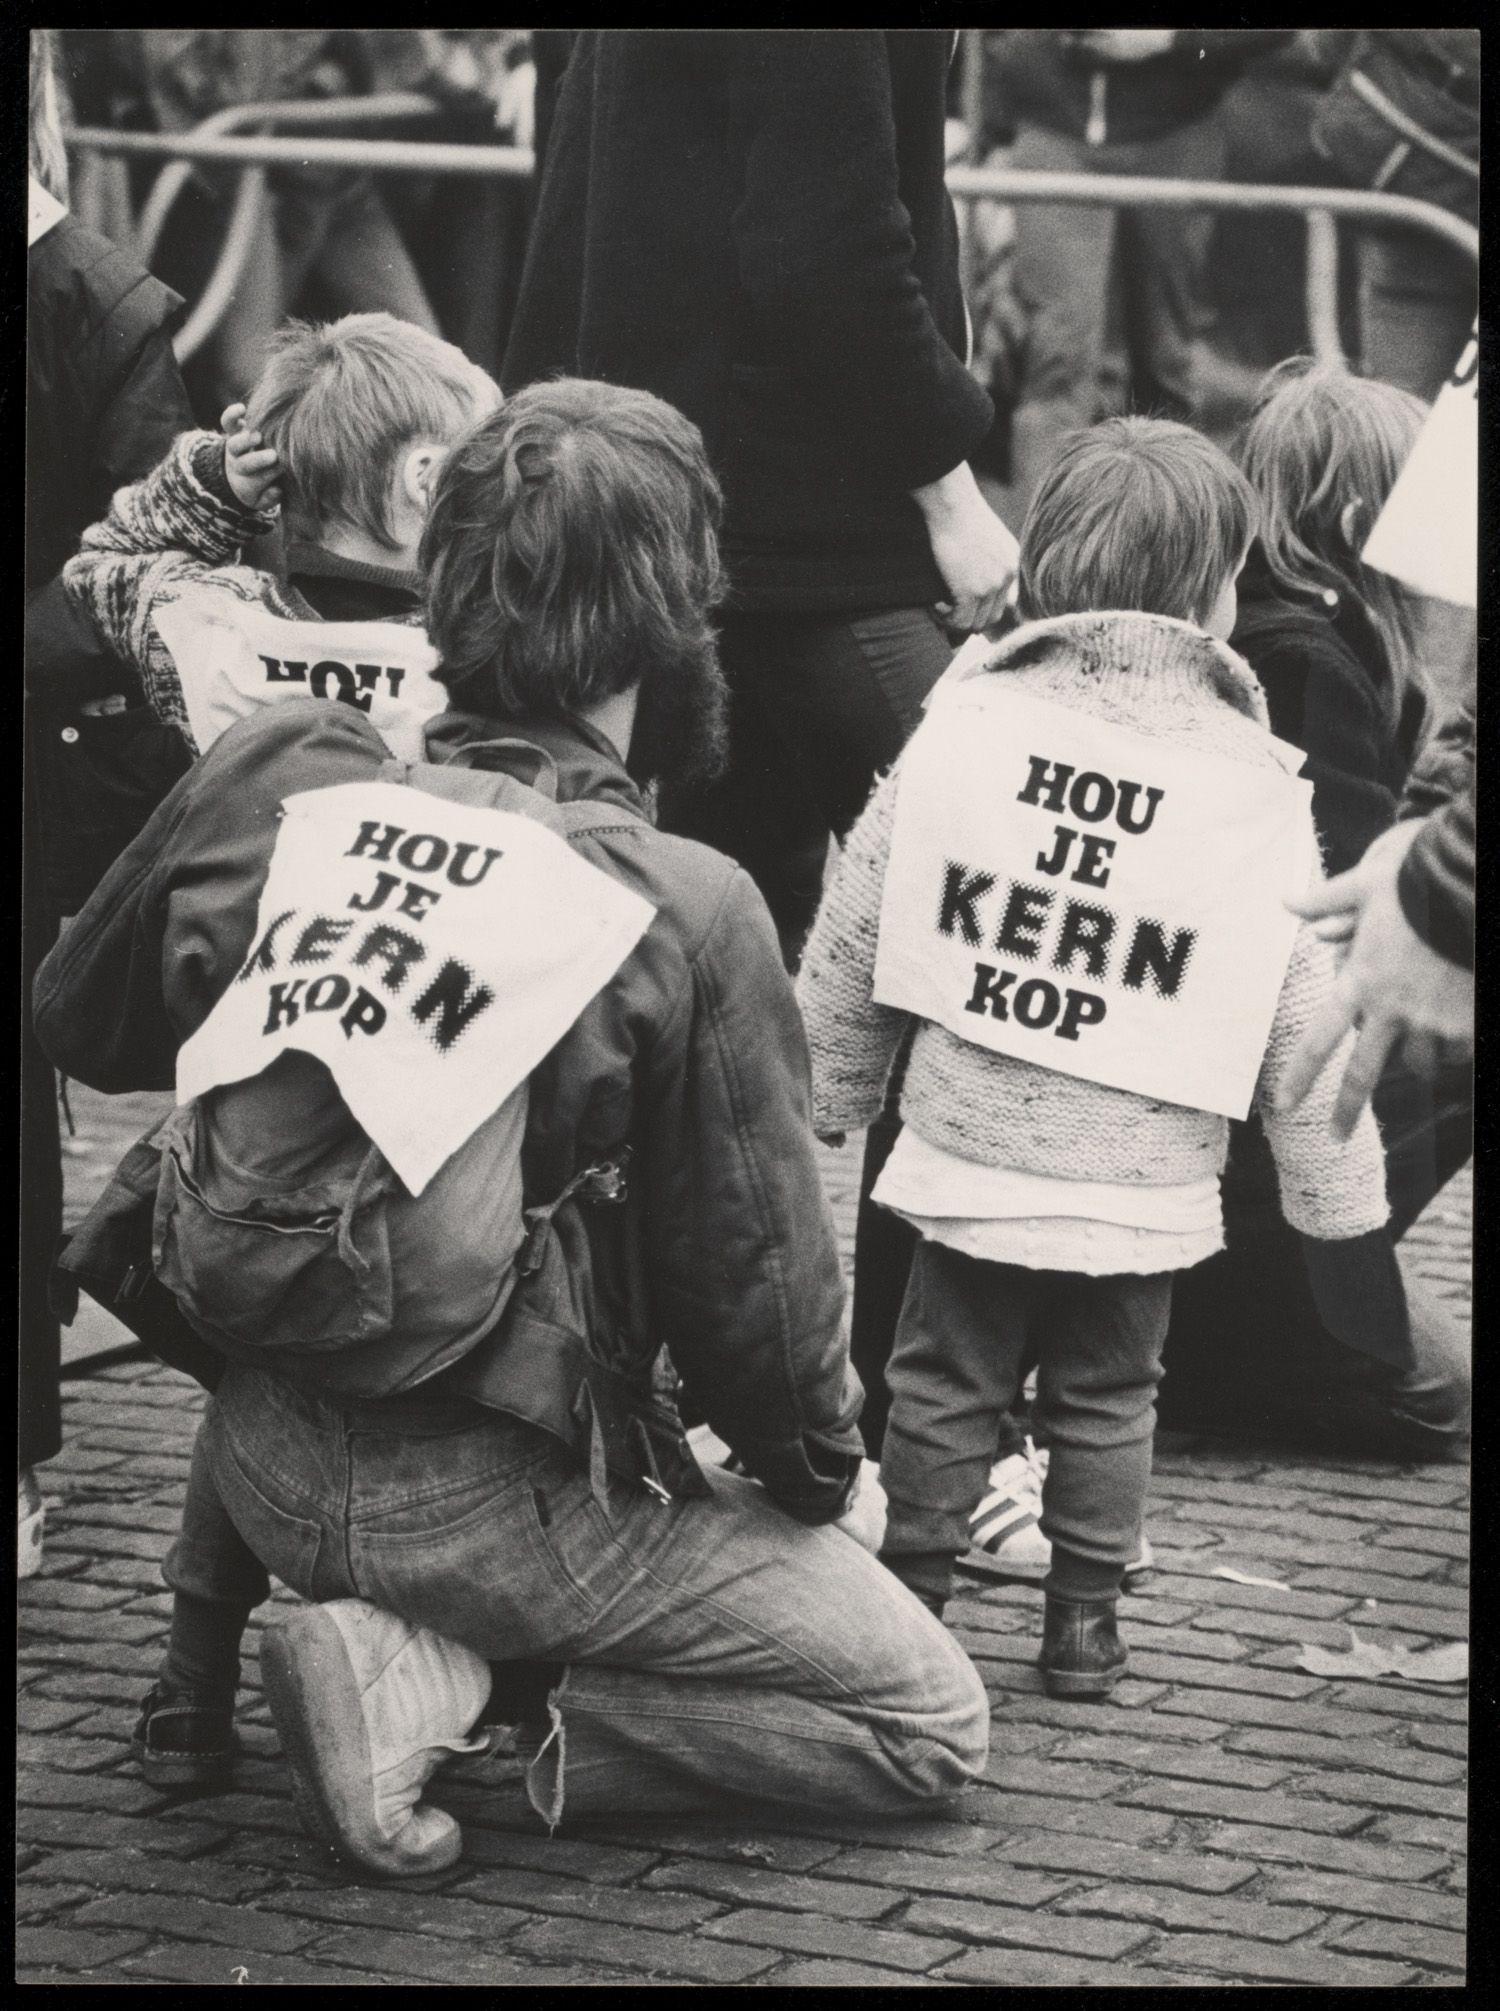 Demonstratie tegen kernwapens amsterdam 1978 facts in for Demonstratie amsterdam